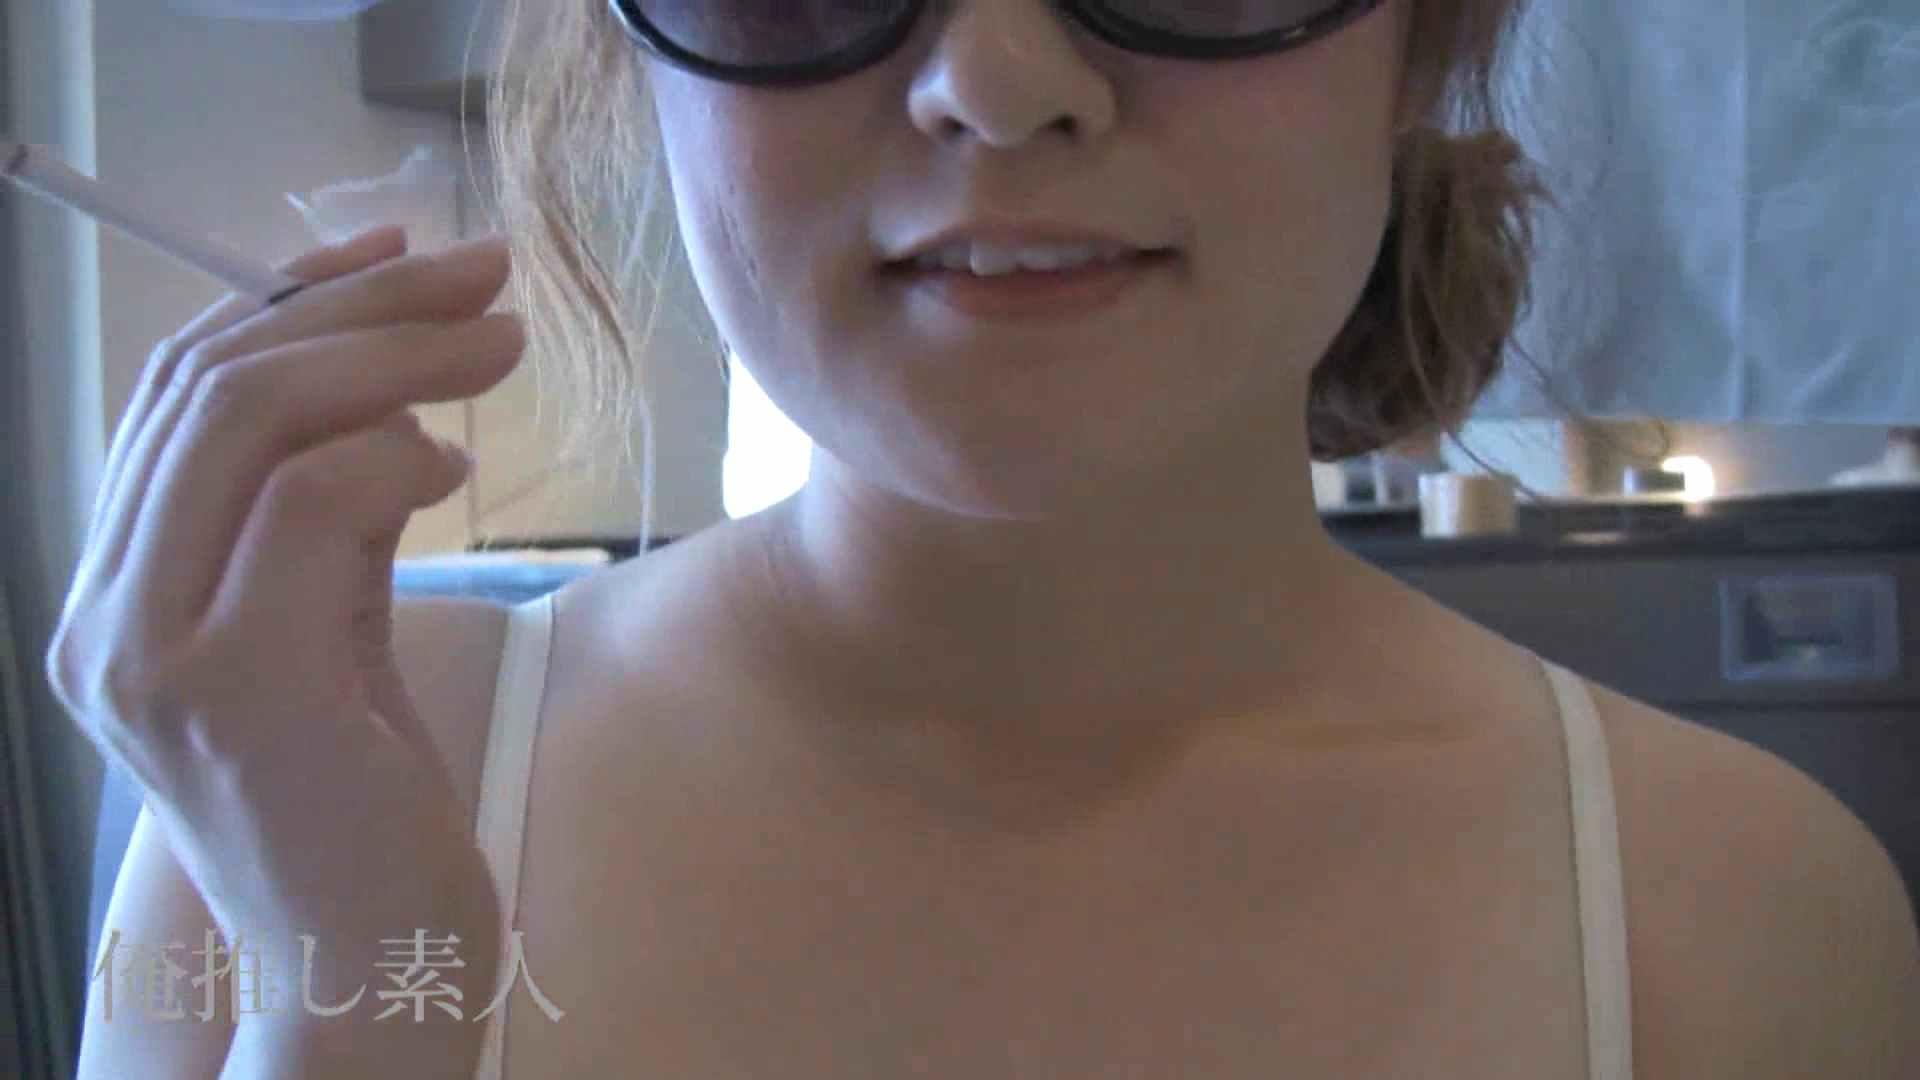 俺推し素人 キャバクラ嬢26歳久美vol5 SEX  57枚 18